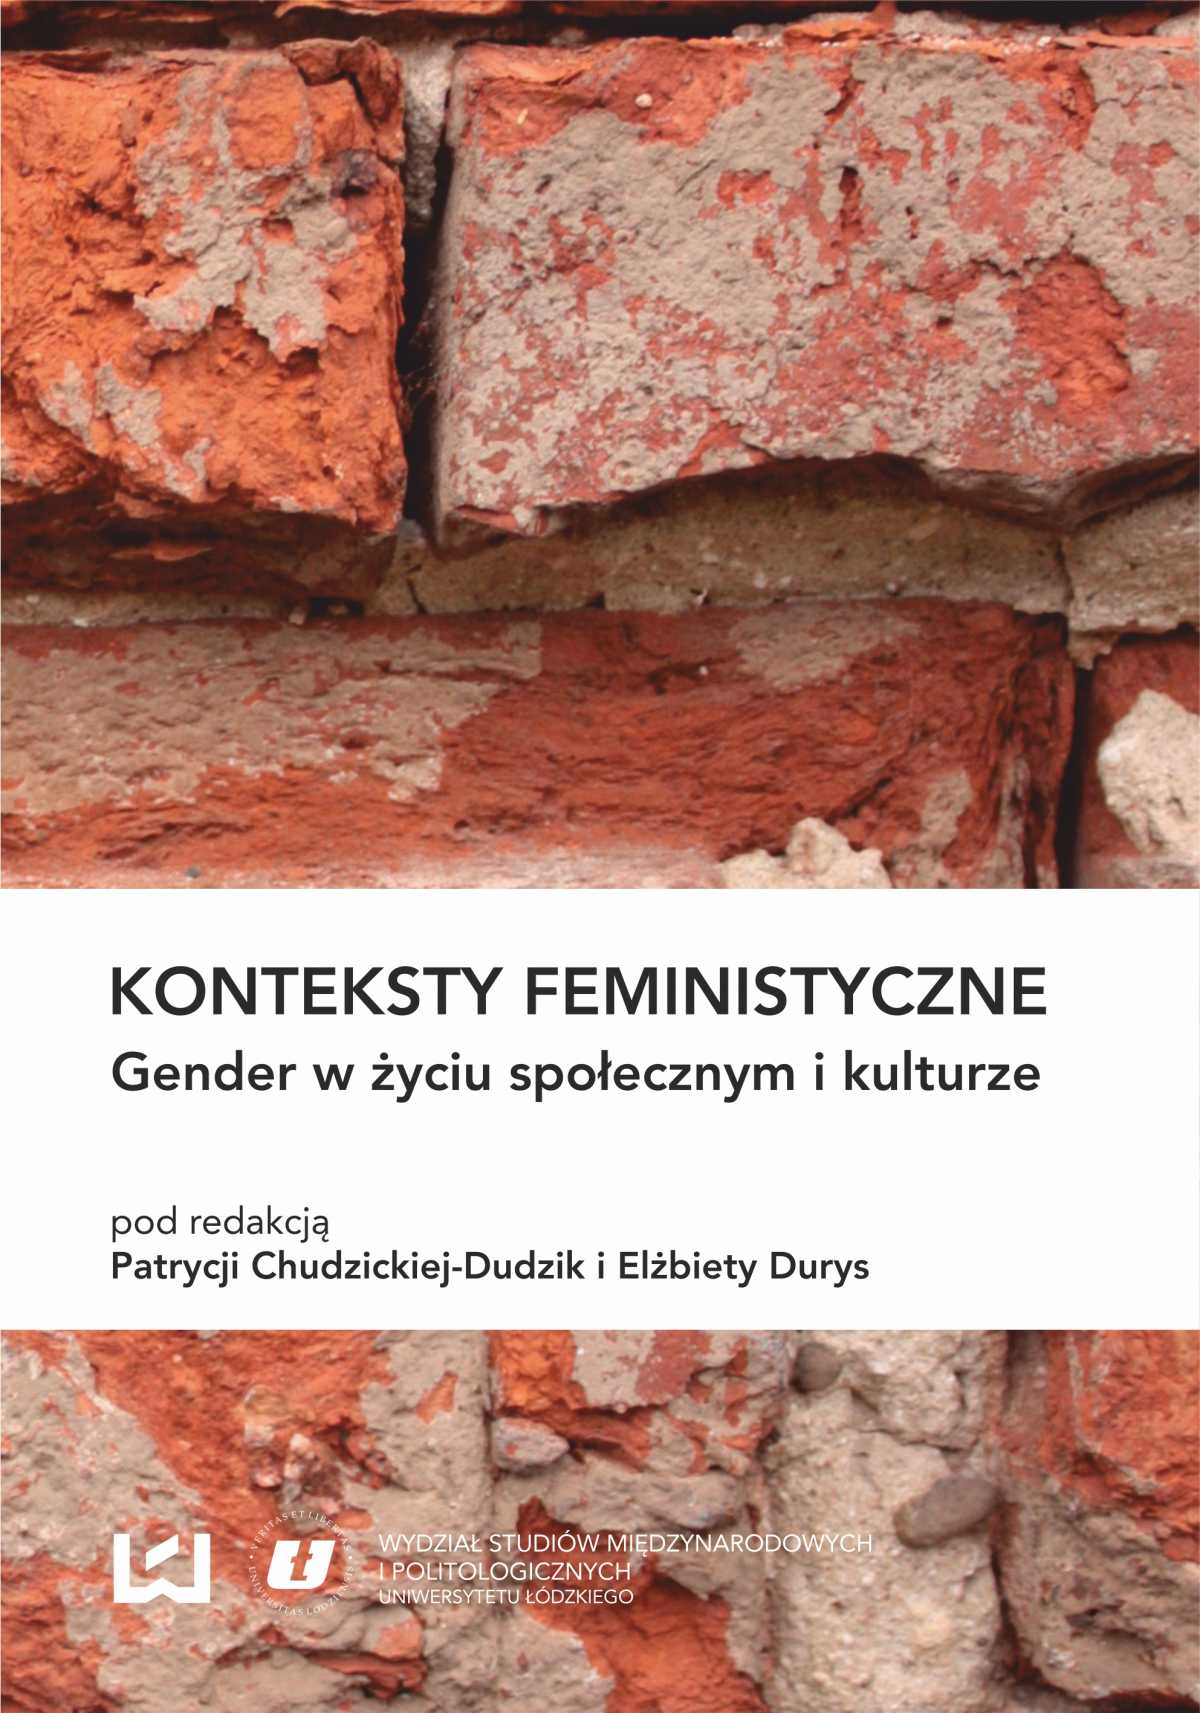 Konteksty feministyczne. Gender w życiu społecznym i kulturze - Ebook (Książka PDF) do pobrania w formacie PDF